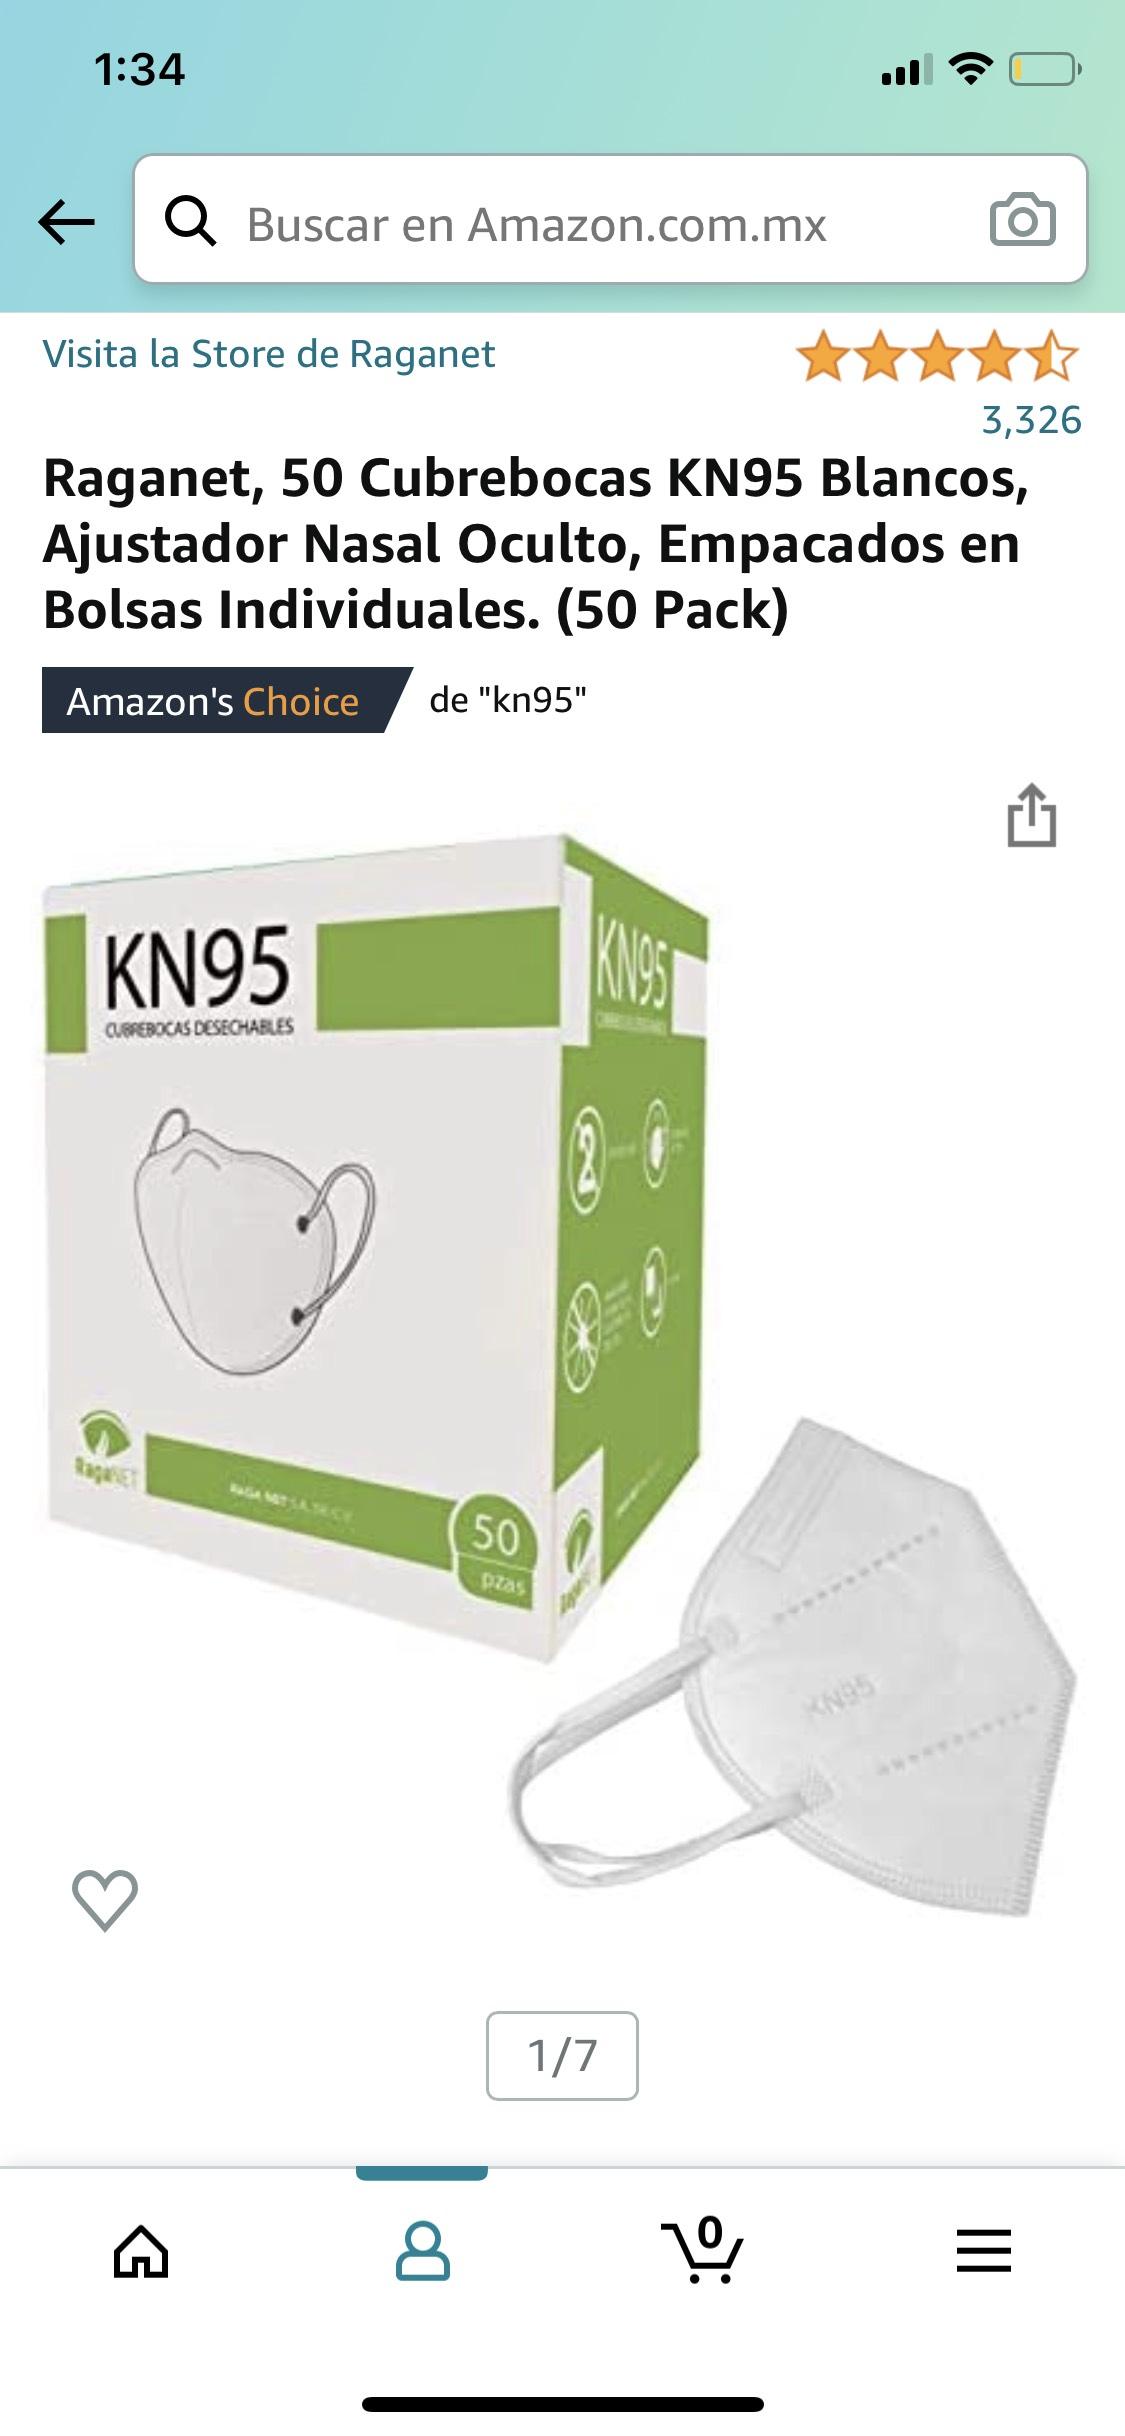 Amazon: Raganet, 50 Cubrebocas KN95 Blancos, Ajustador Nasal Oculto, Empacados en Bolsas Individuales. (50 Pack)